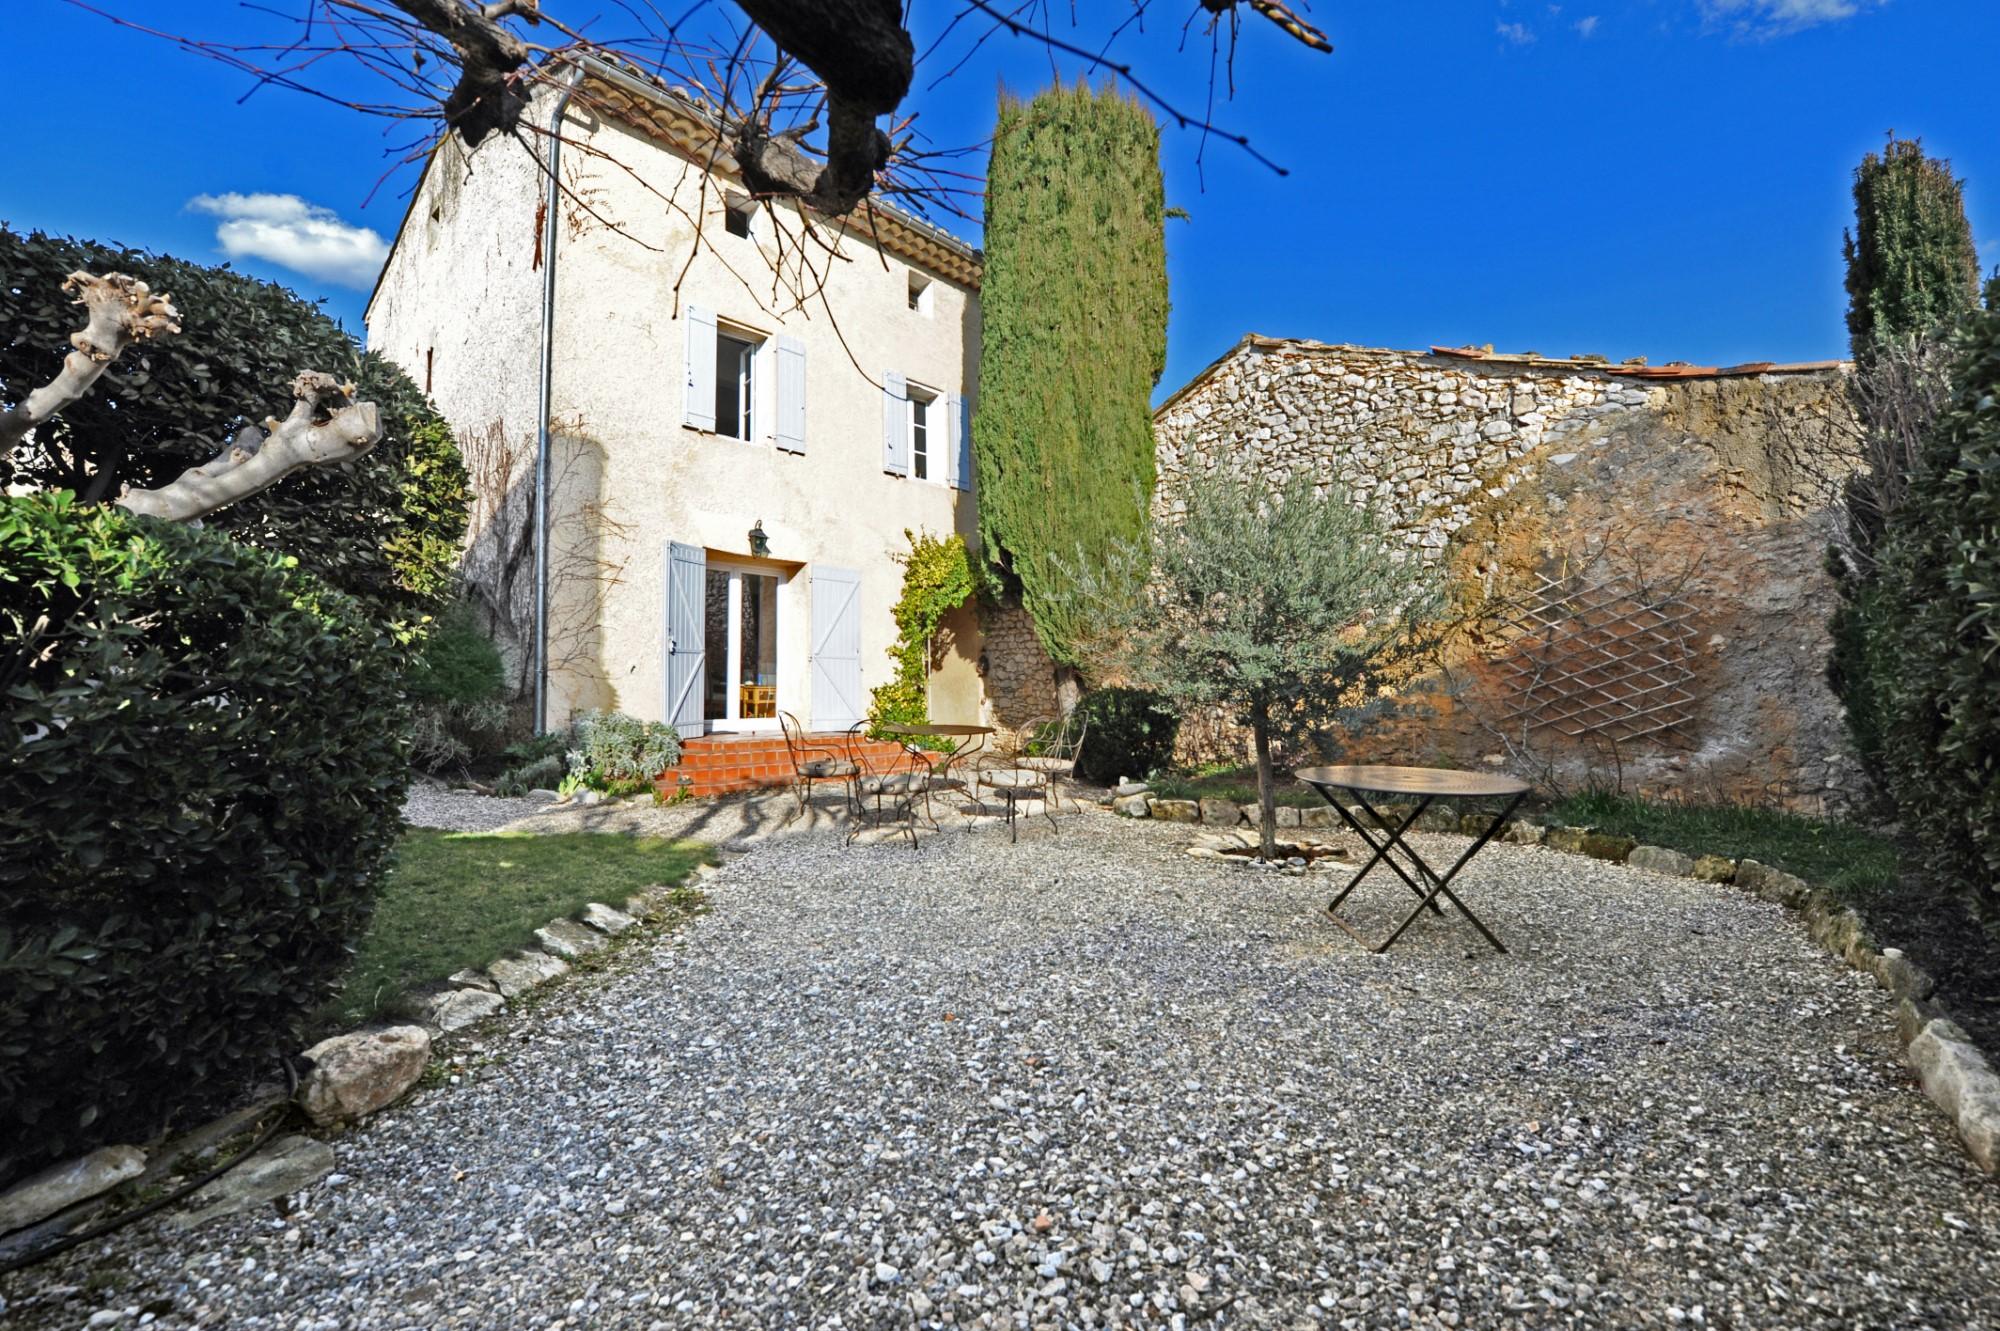 Maison de hameau avec jardin en Provence